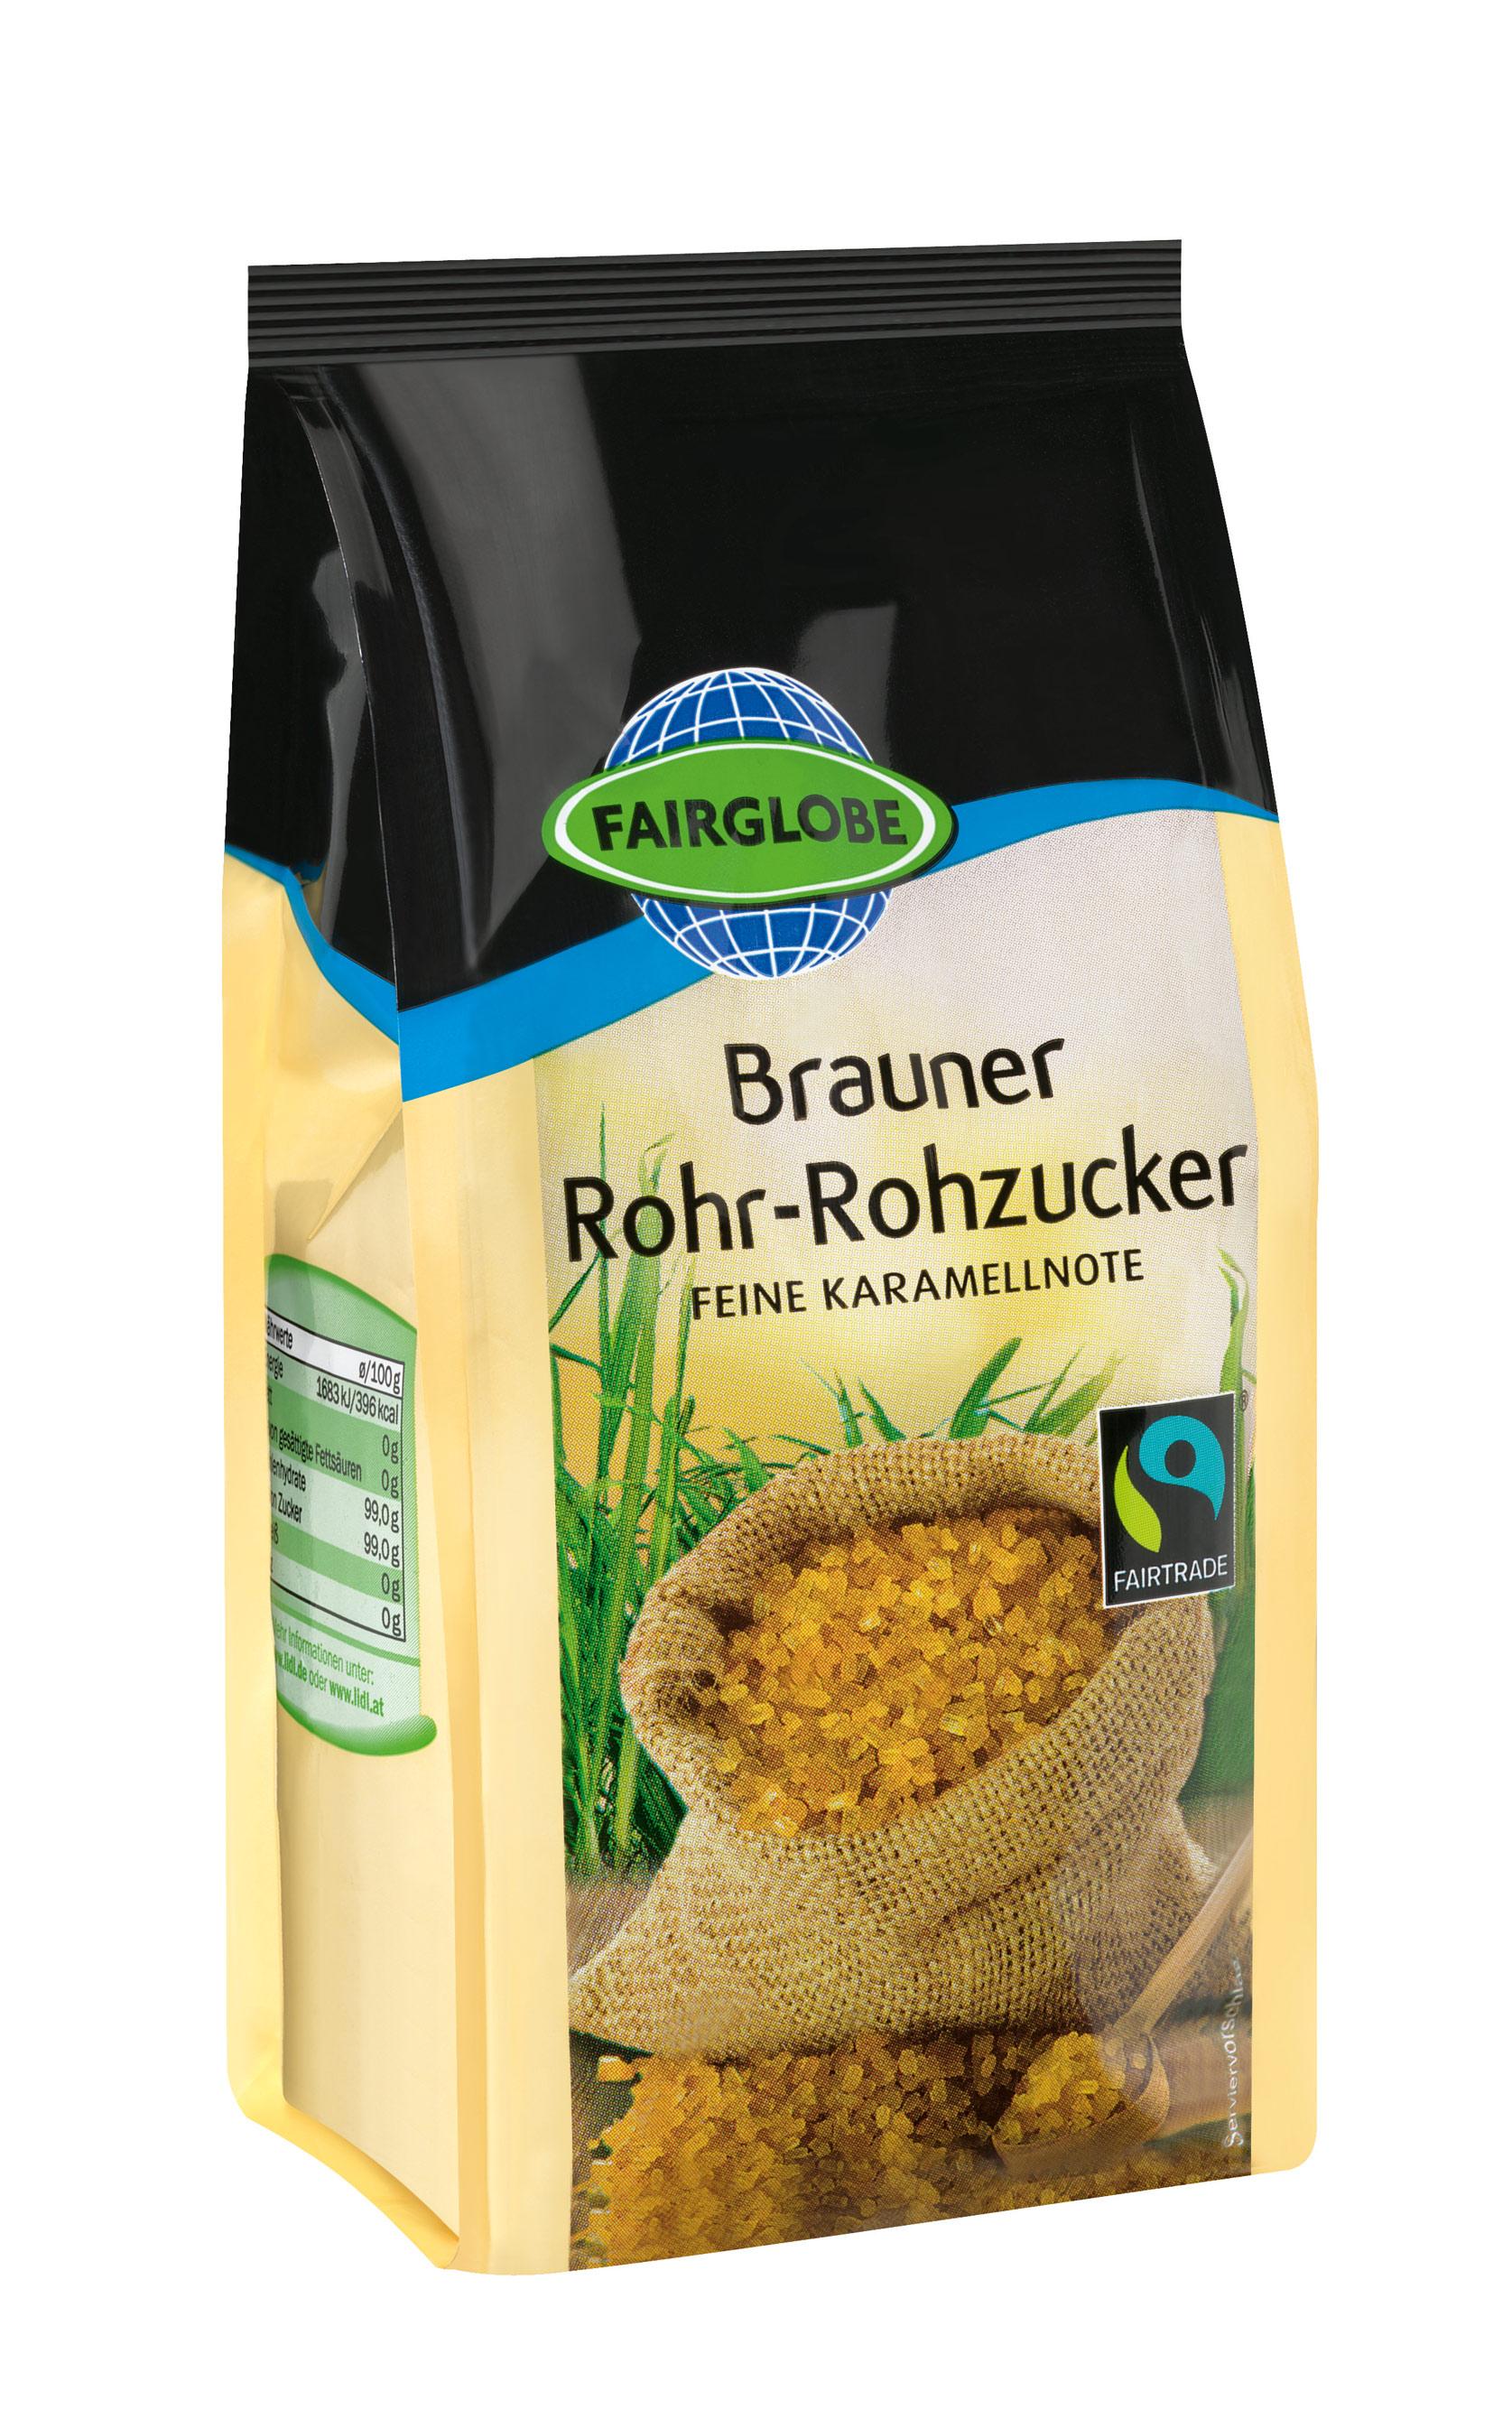 Brauner Rohr-Rohzucker